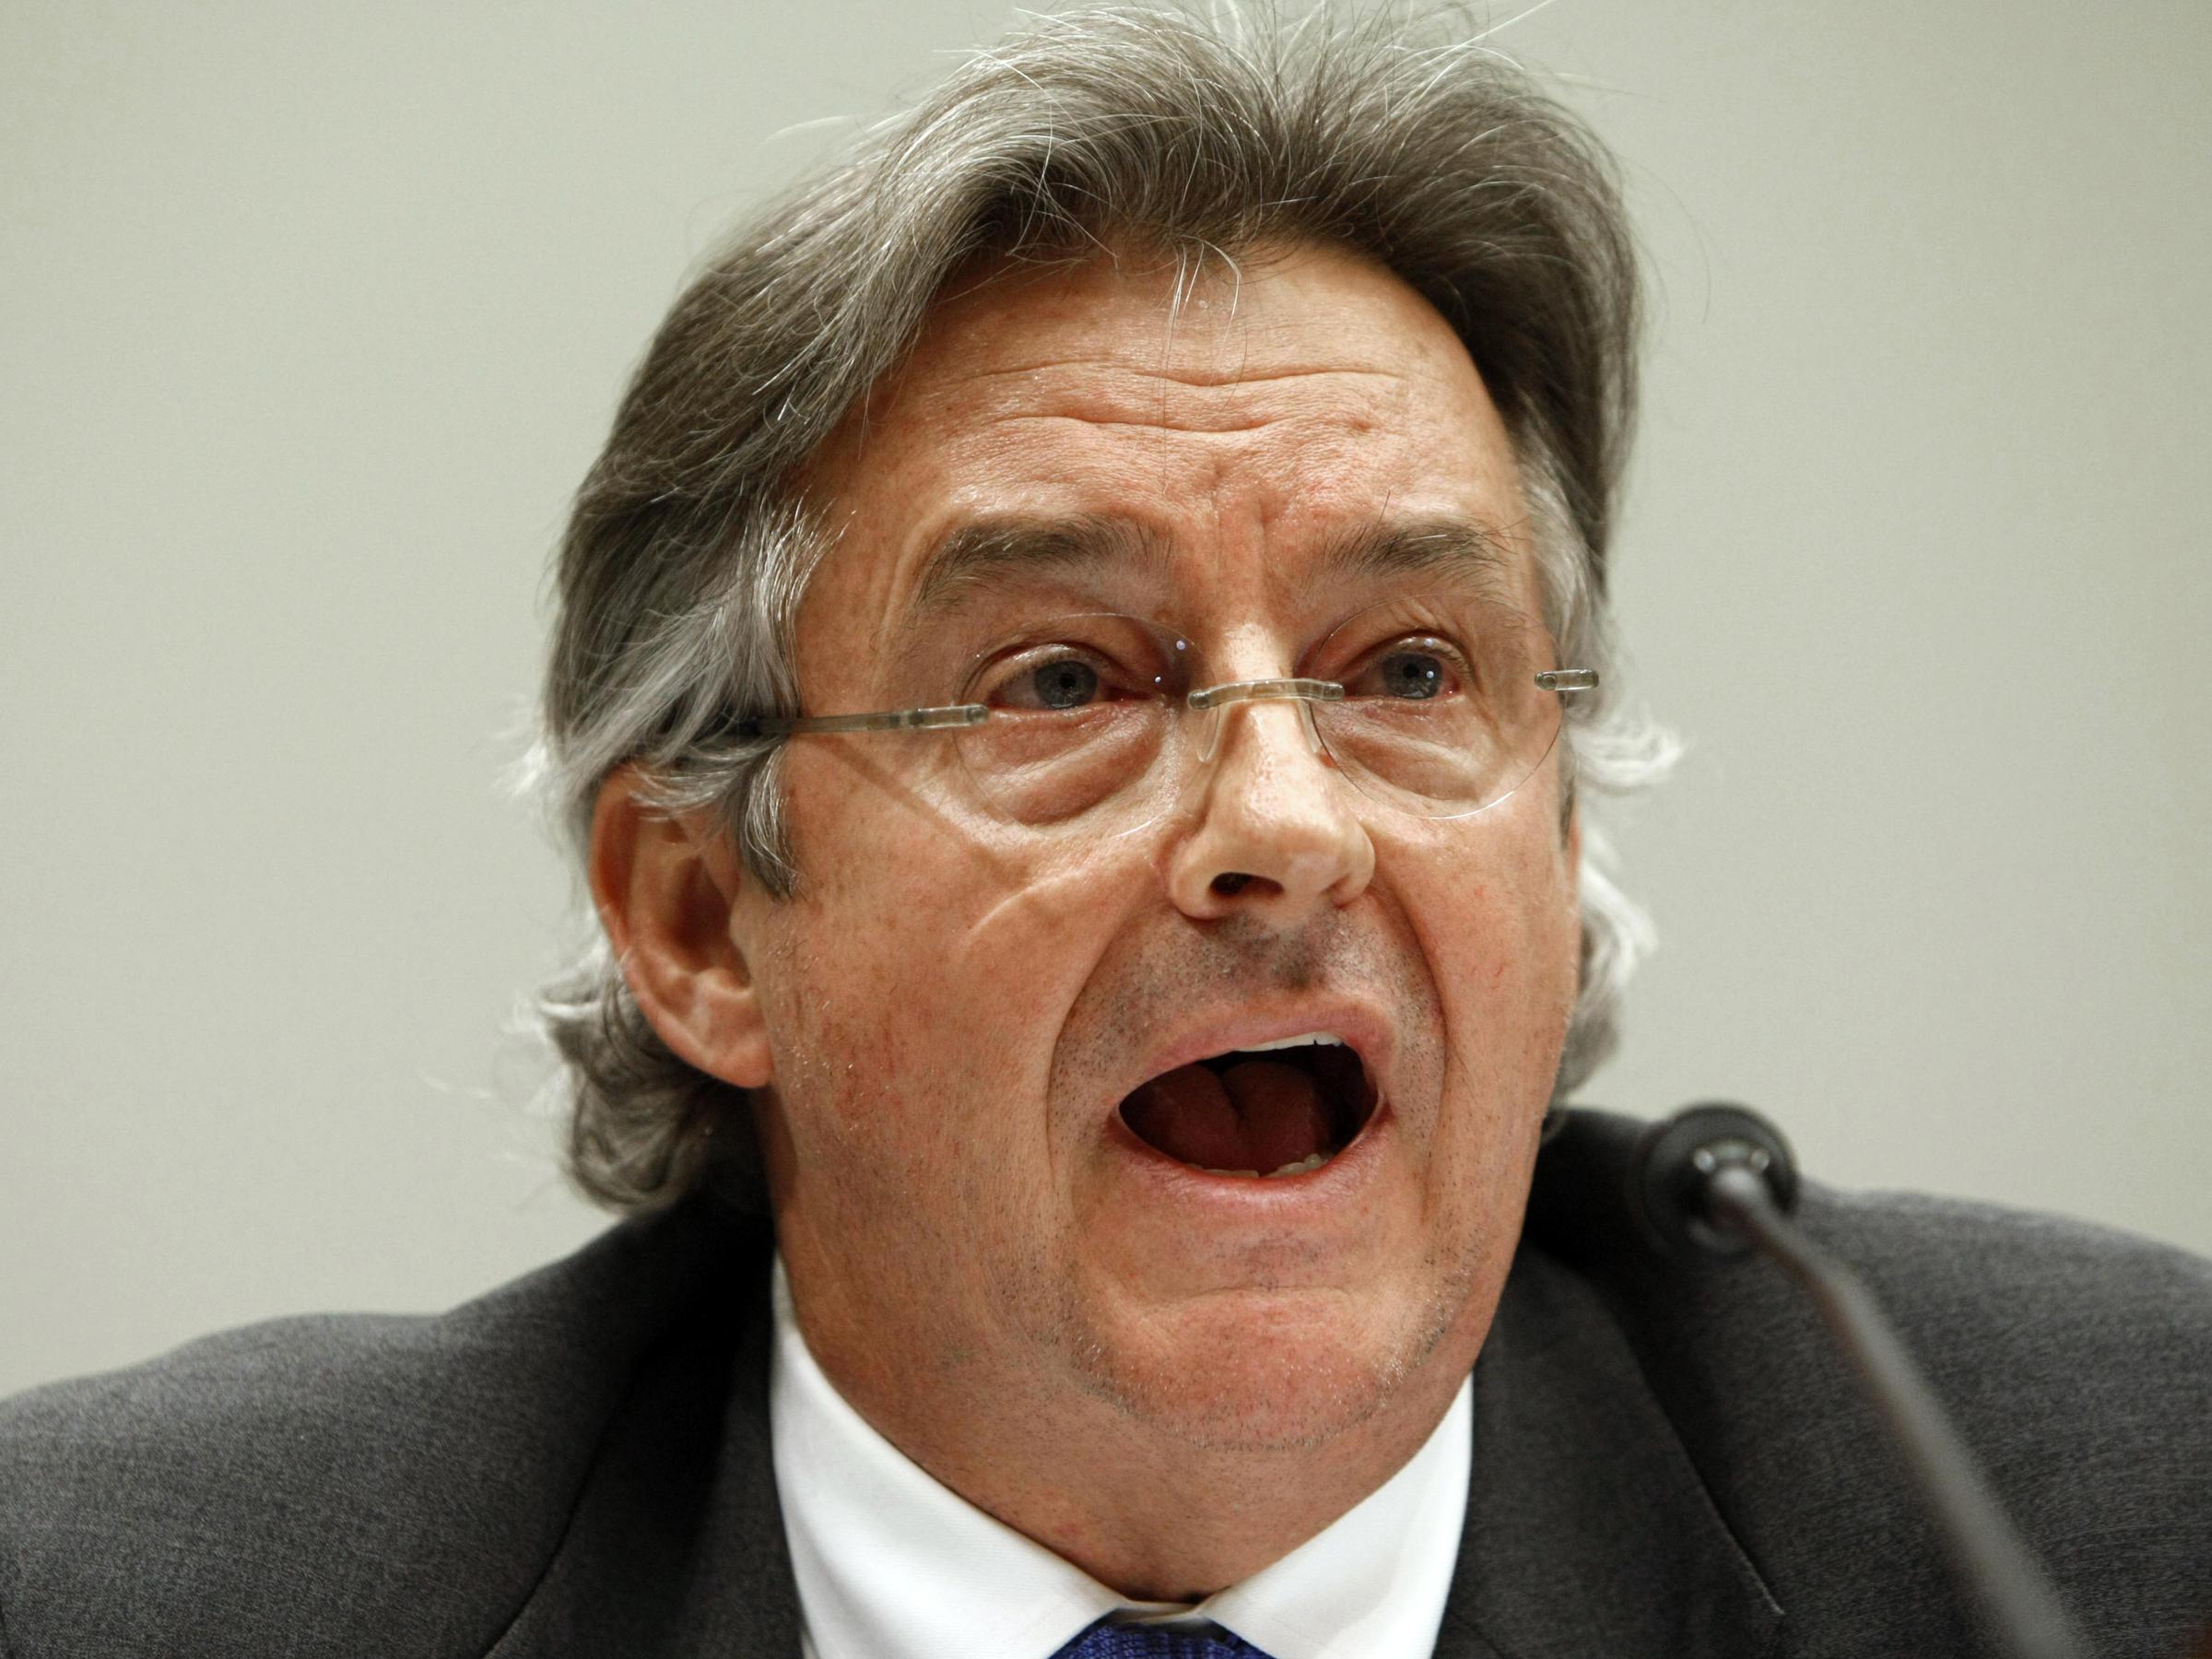 U.S. diplomat who disputed Iraq war intelligence dies aged 69